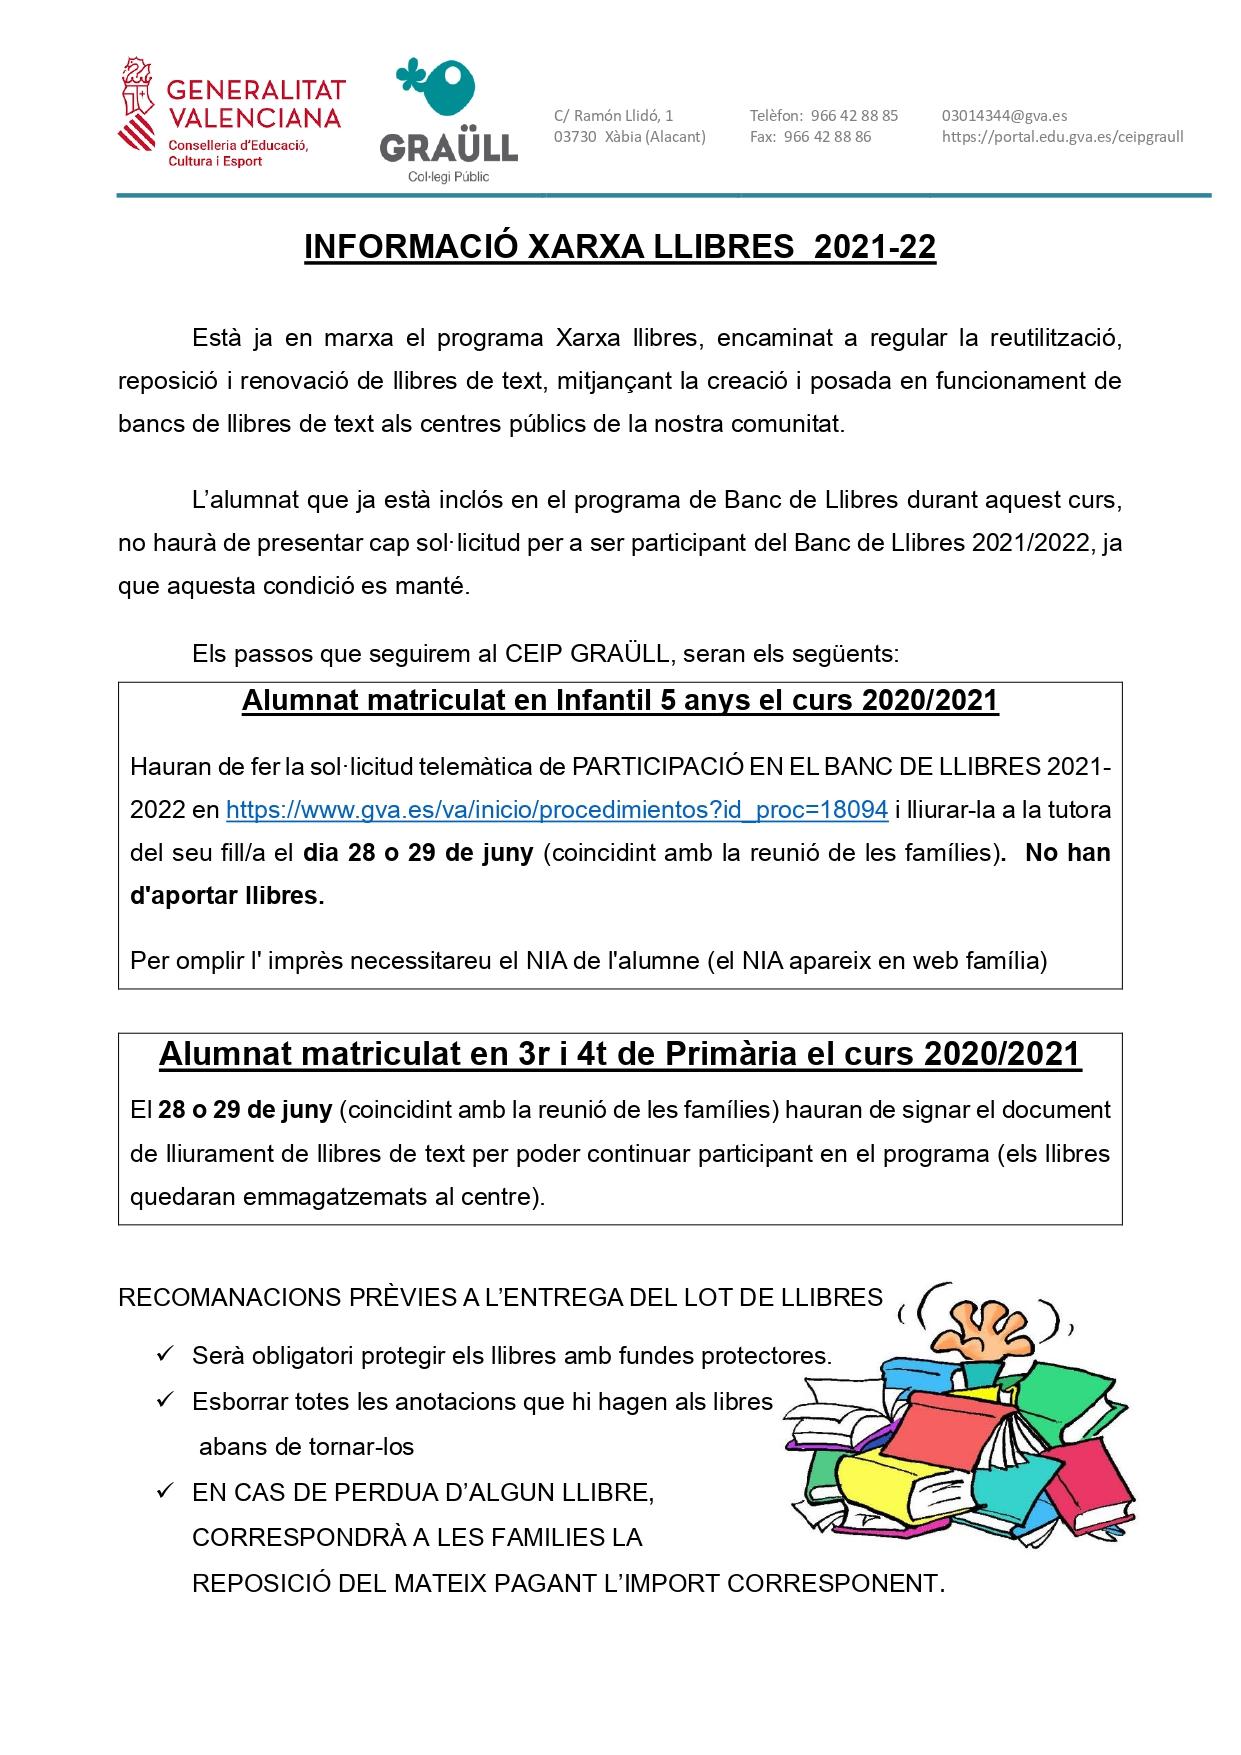 CIRCULAR INFORMATIVA BANC DE LLIBRES 21-22